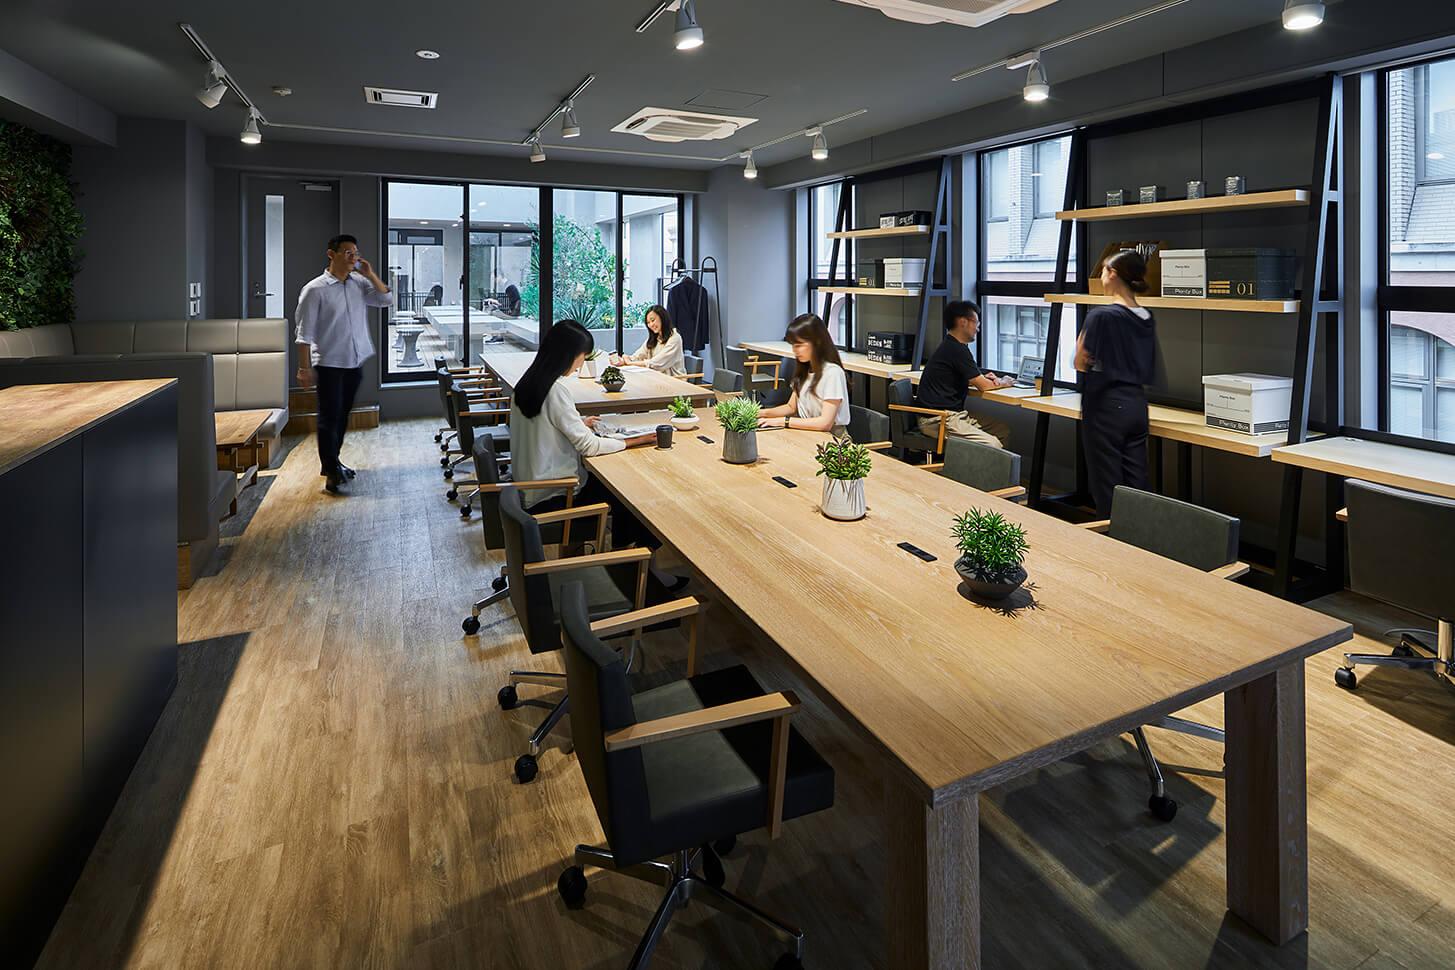 メック・デザイン・インターナショナルは、人と環境にやさしいインテリアデザインをクリエイトいたします。HOSPITALITY DESIGNおもてなしの空間を心地よく演出